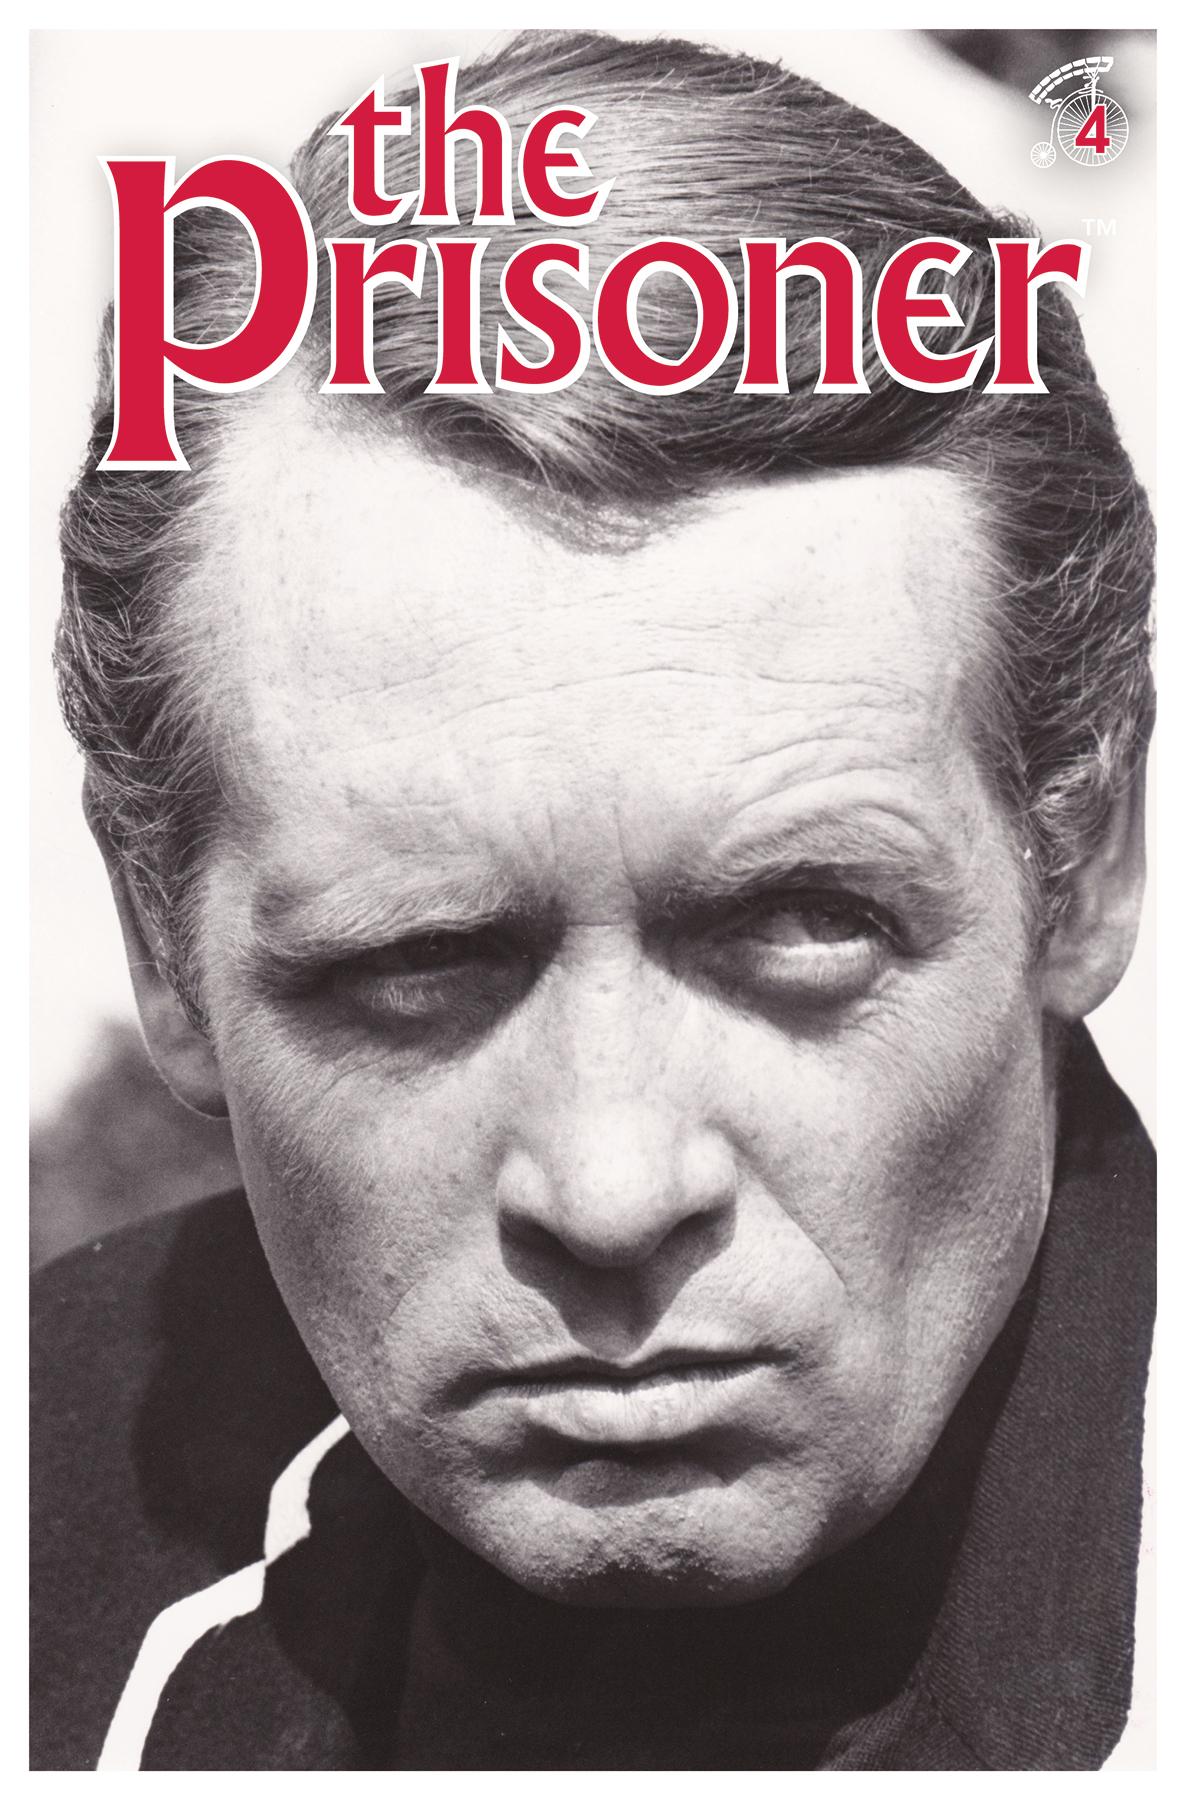 PRISONER #4